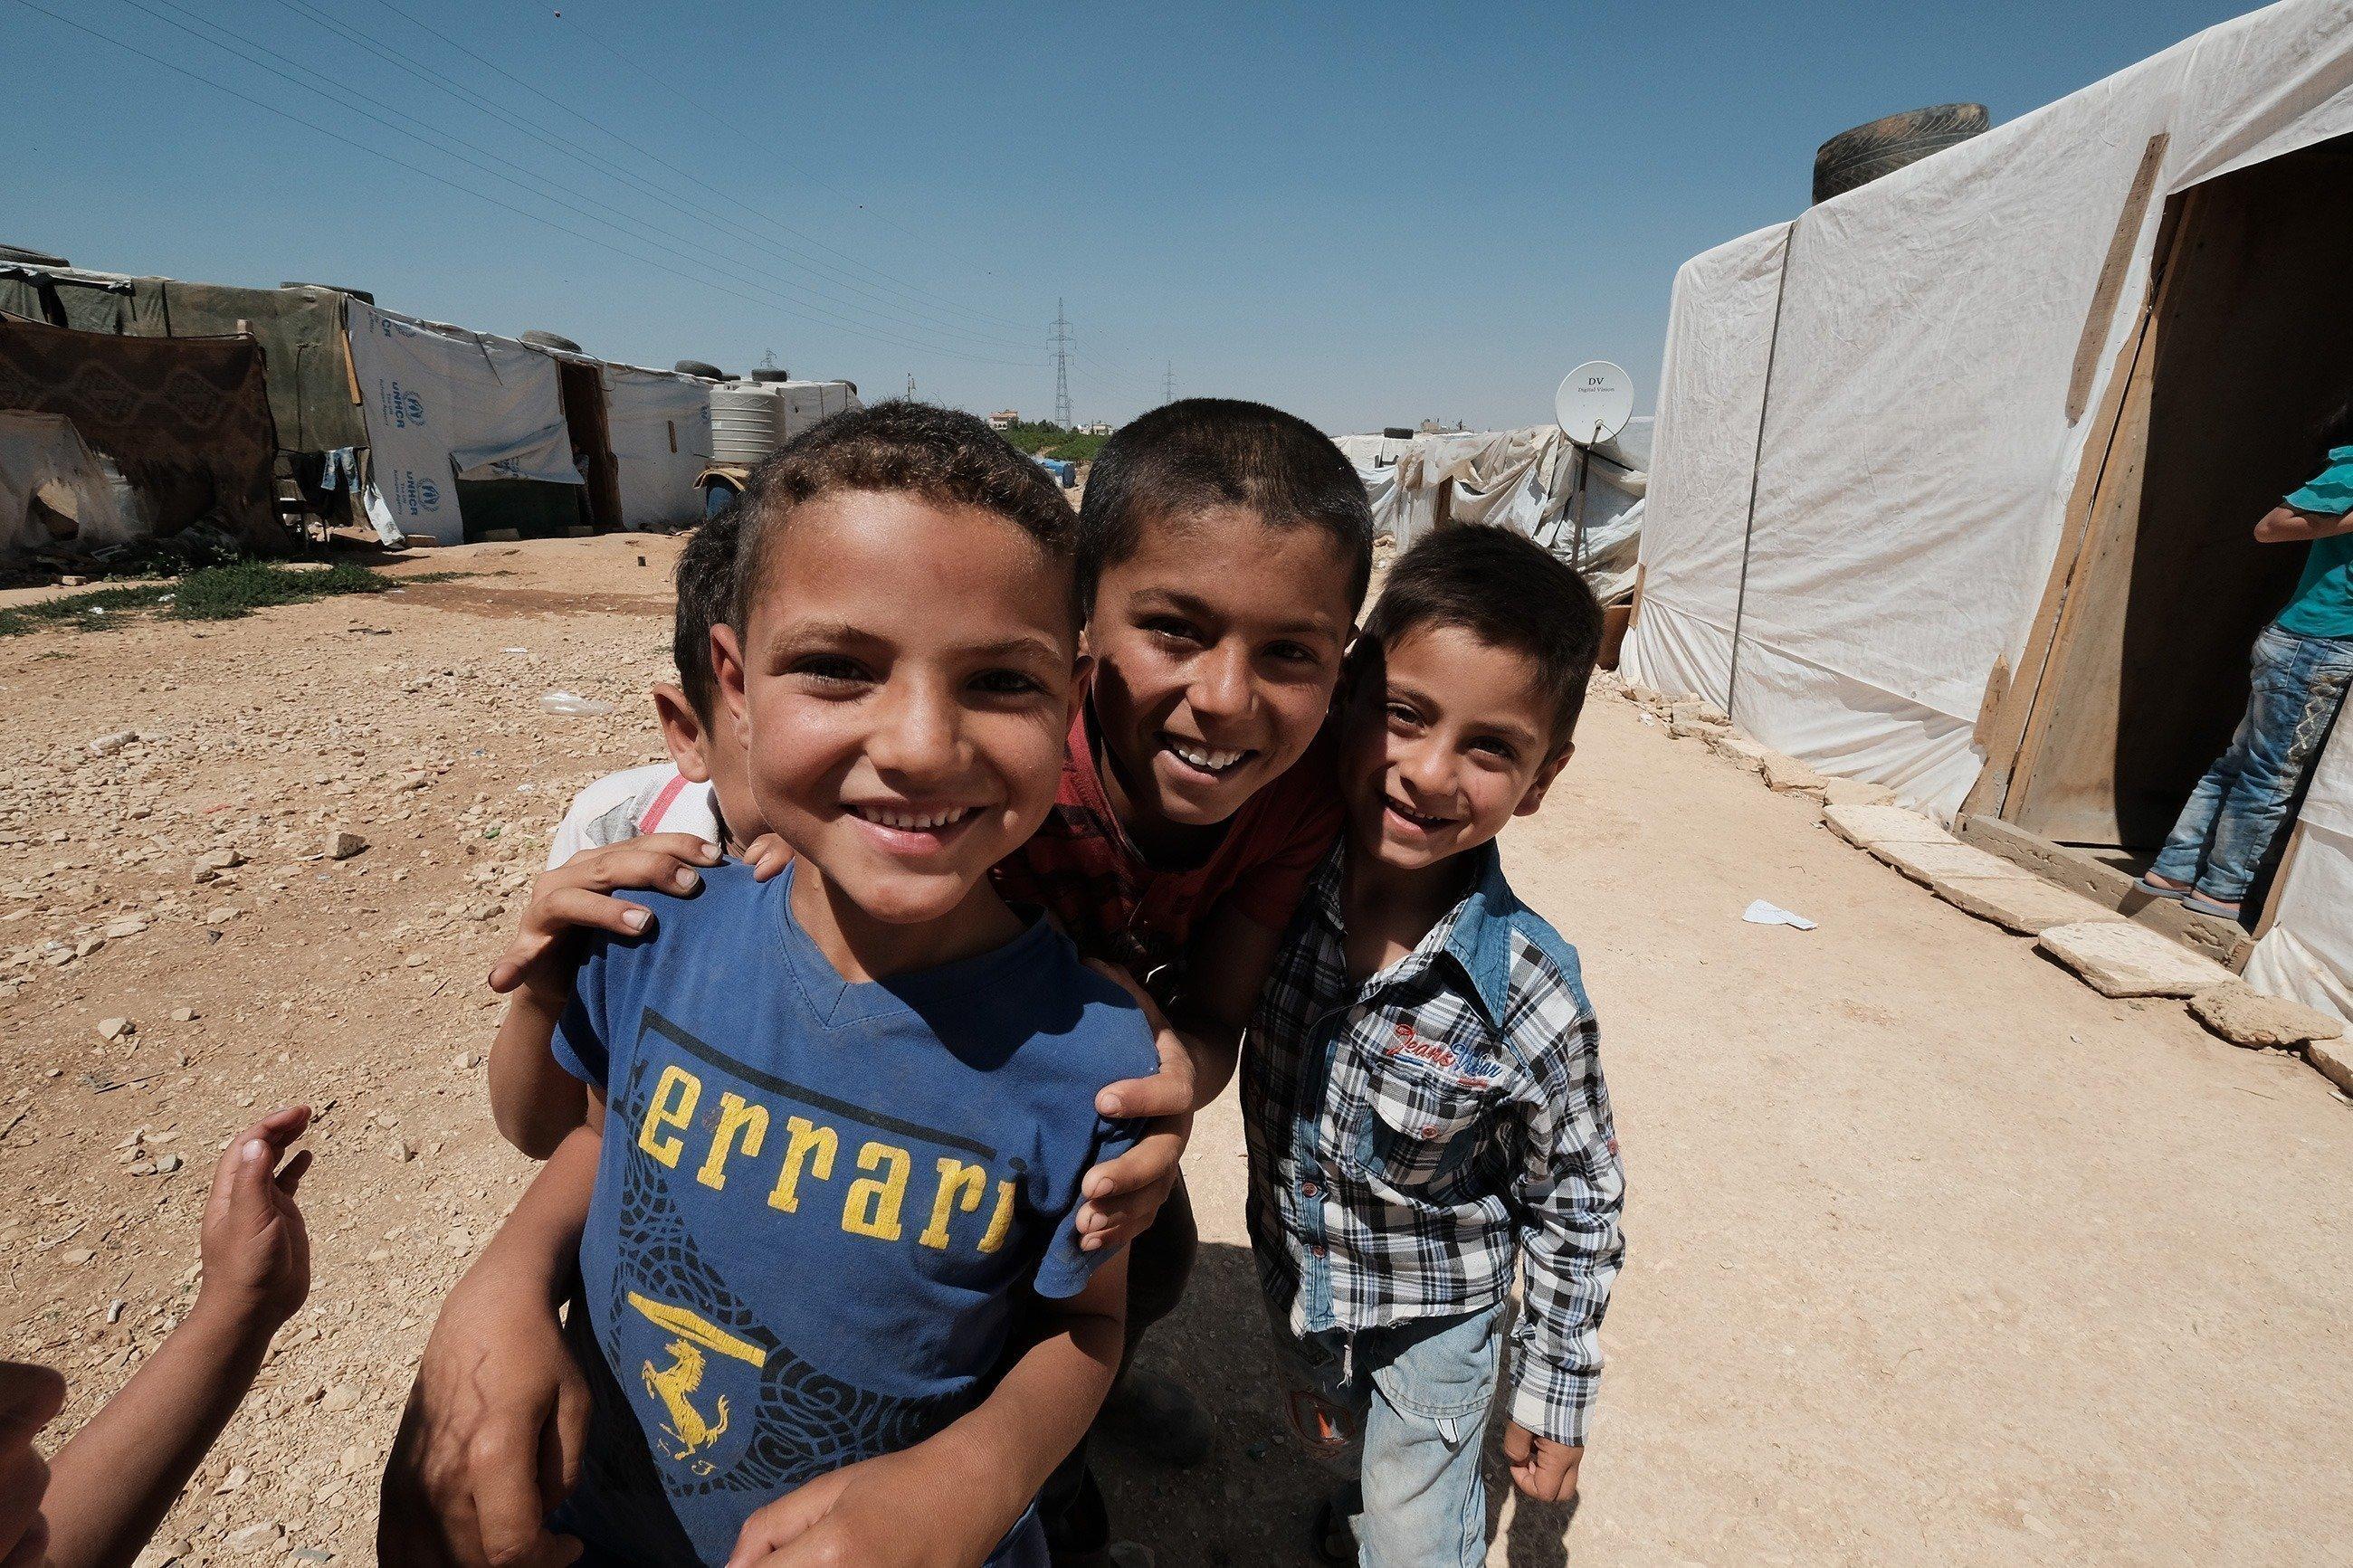 Drei syrische Jungs lächeln sich umarmend in die Kamera.